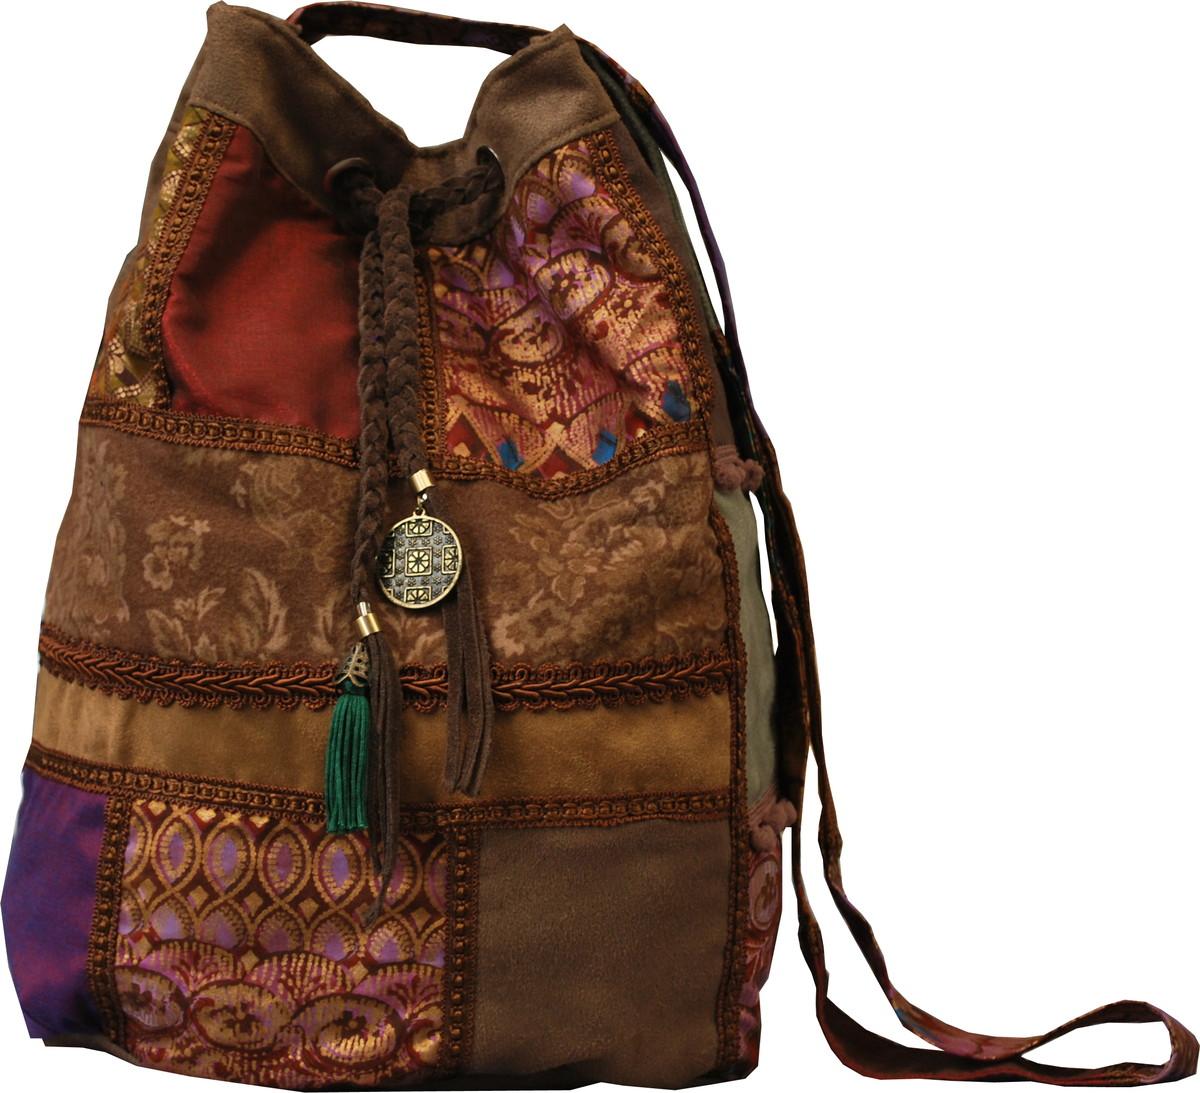 Bolsa De Tecido Hippie : Tiracolo tarsus eleg?ncia urbana elo